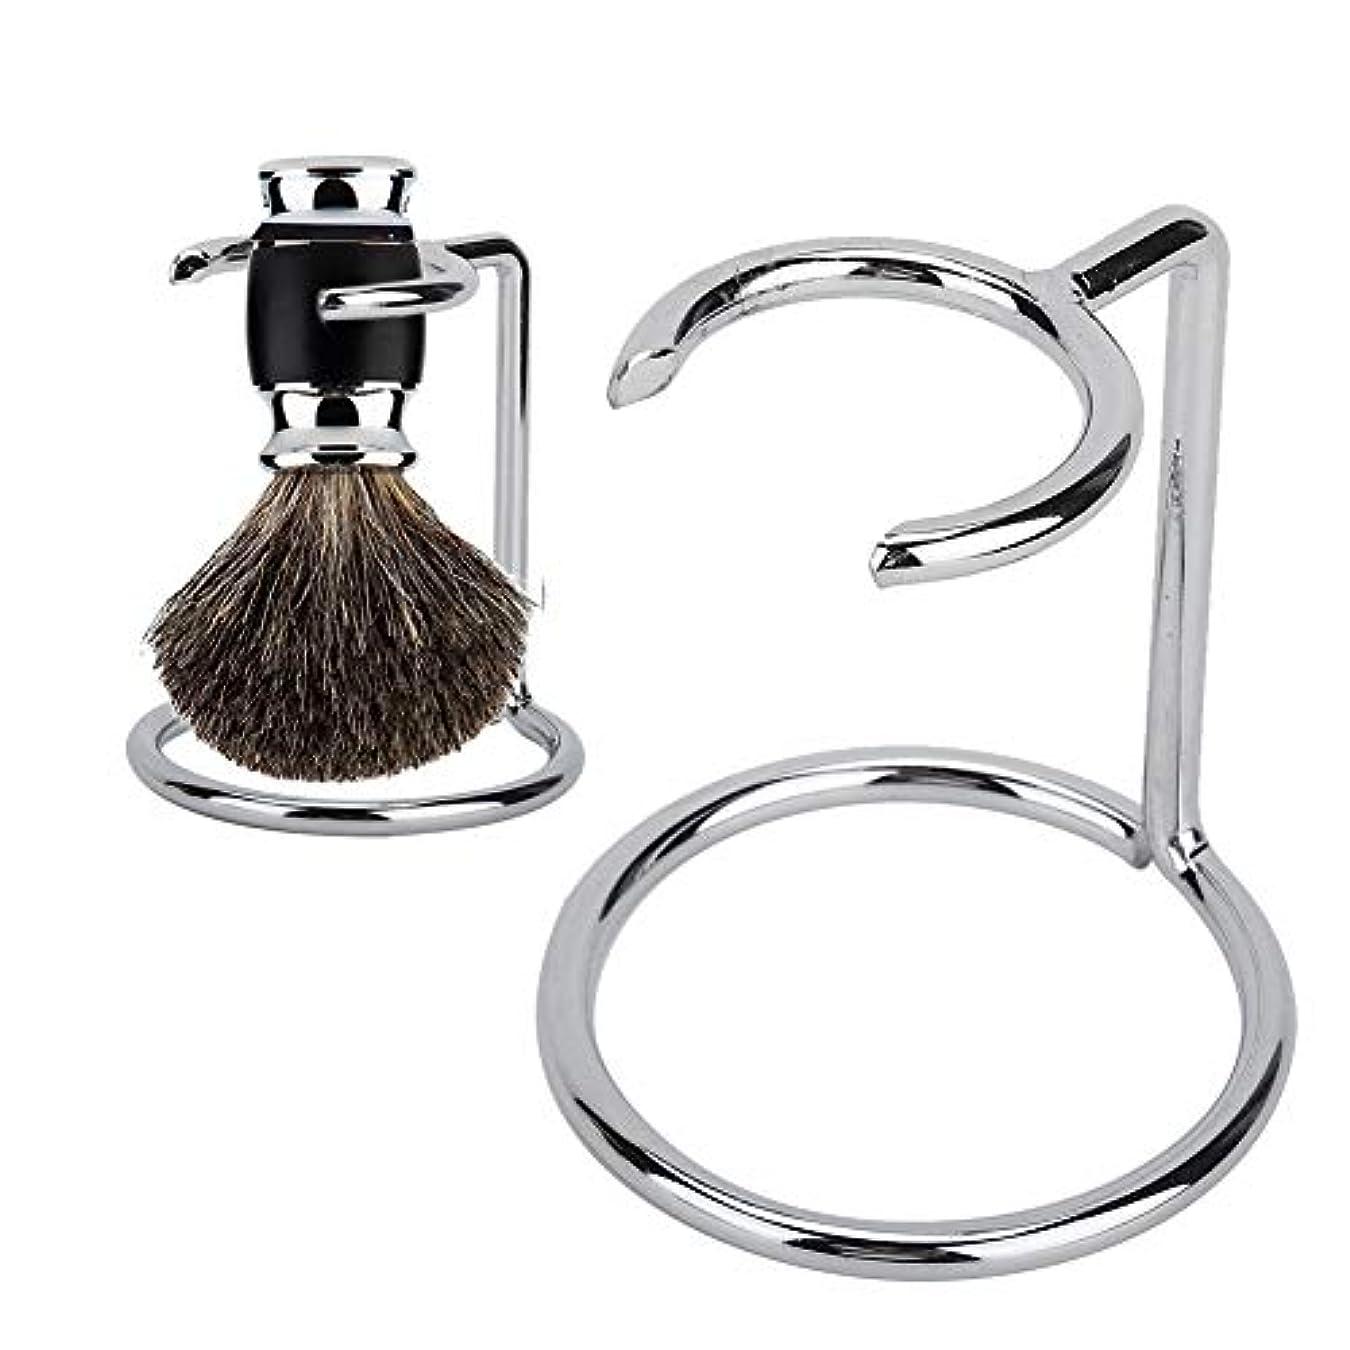 帳面キロメートルフラスコ剃毛ブラシ立場、ステンレス鋼材料はサロンの使用のための適した錆の流行の安全ブラシホルダーを防ぎます家の使用および旅行使用